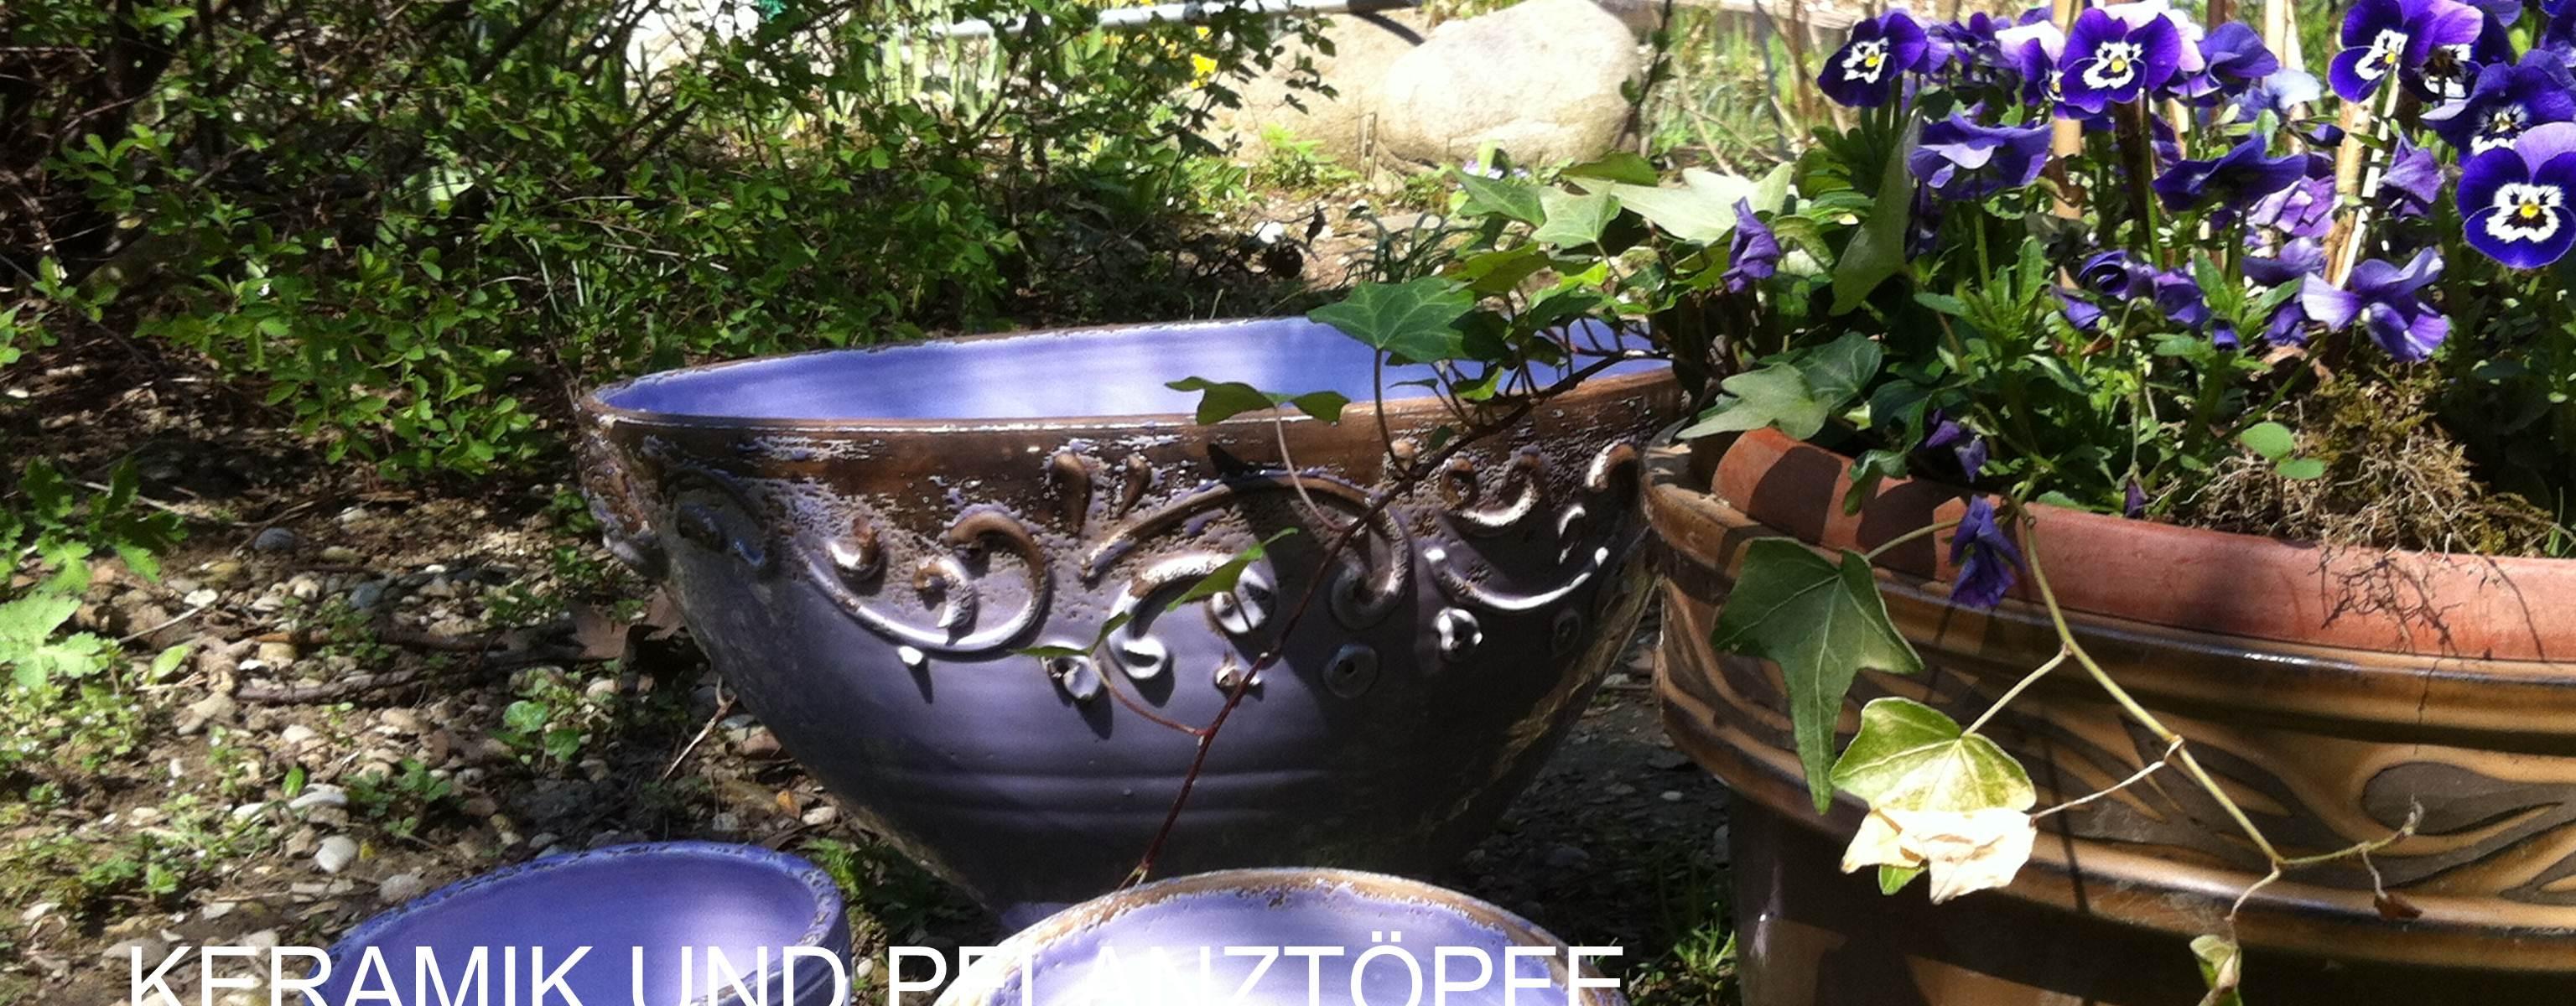 01_Keramik und Töpfe